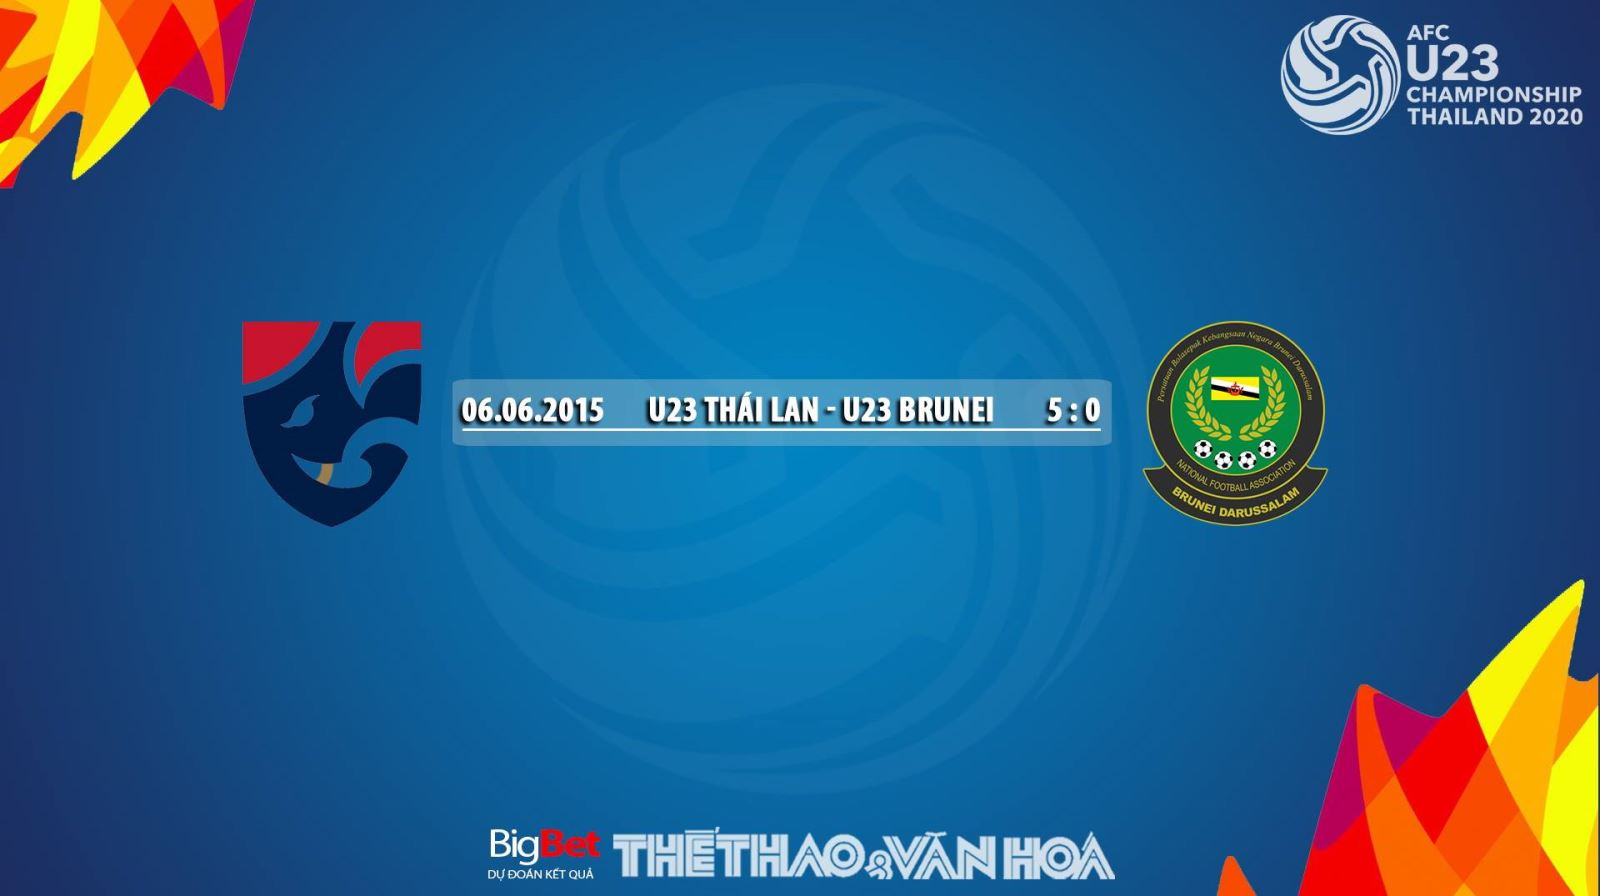 Kèo U23 Thái Lan vs U23 Brunei, kèo U23 Brunei vs Thái Lan, soi kèo U23 Thái Lan, soi kèo U23 Brunei, kèo bóng đá, nhận định, dự đoán bóng đá.